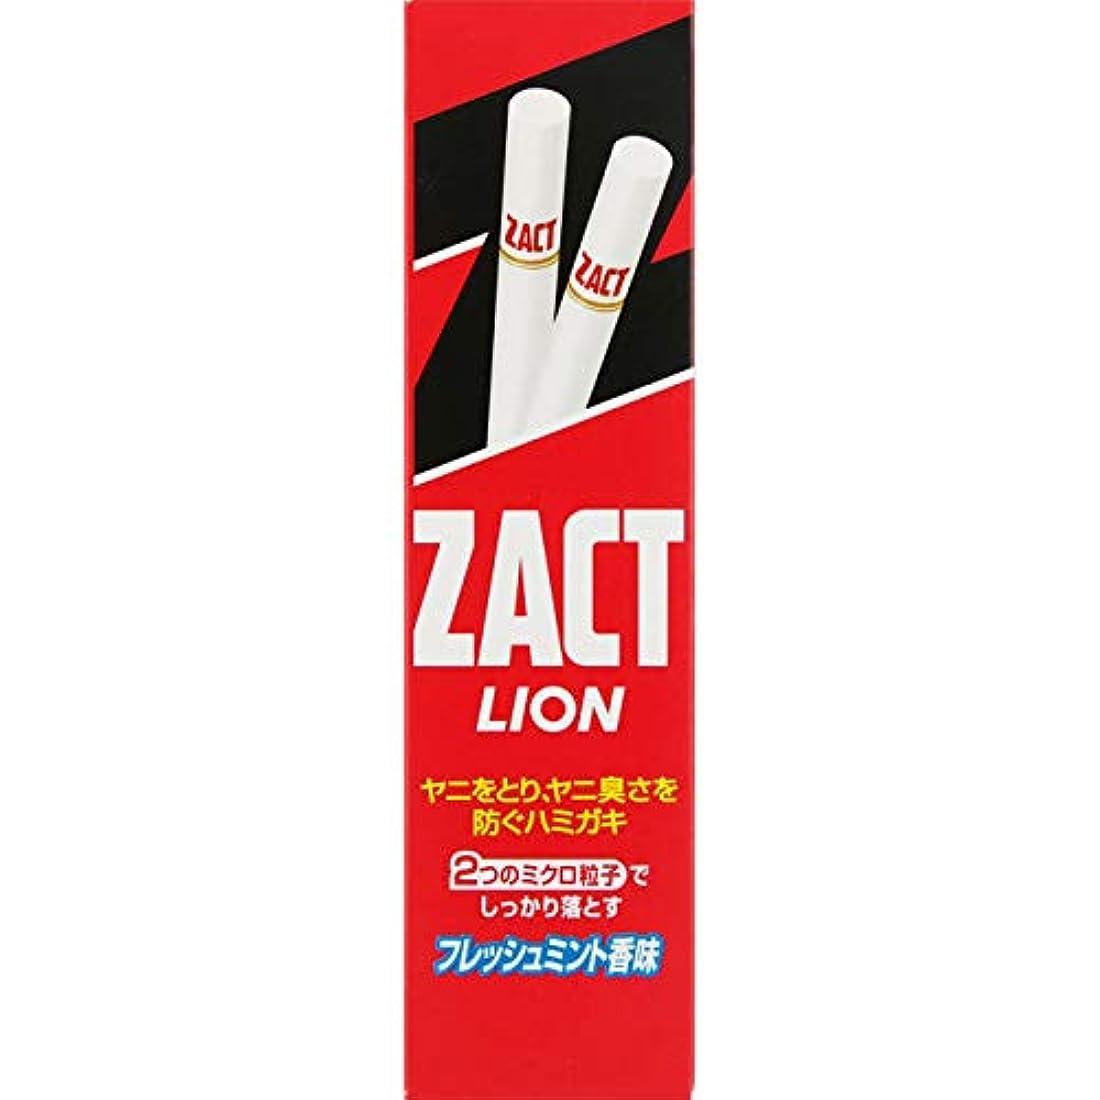 ビリーアジテーションより平らなライオン ザクト ライオン 150g(医薬部外品)